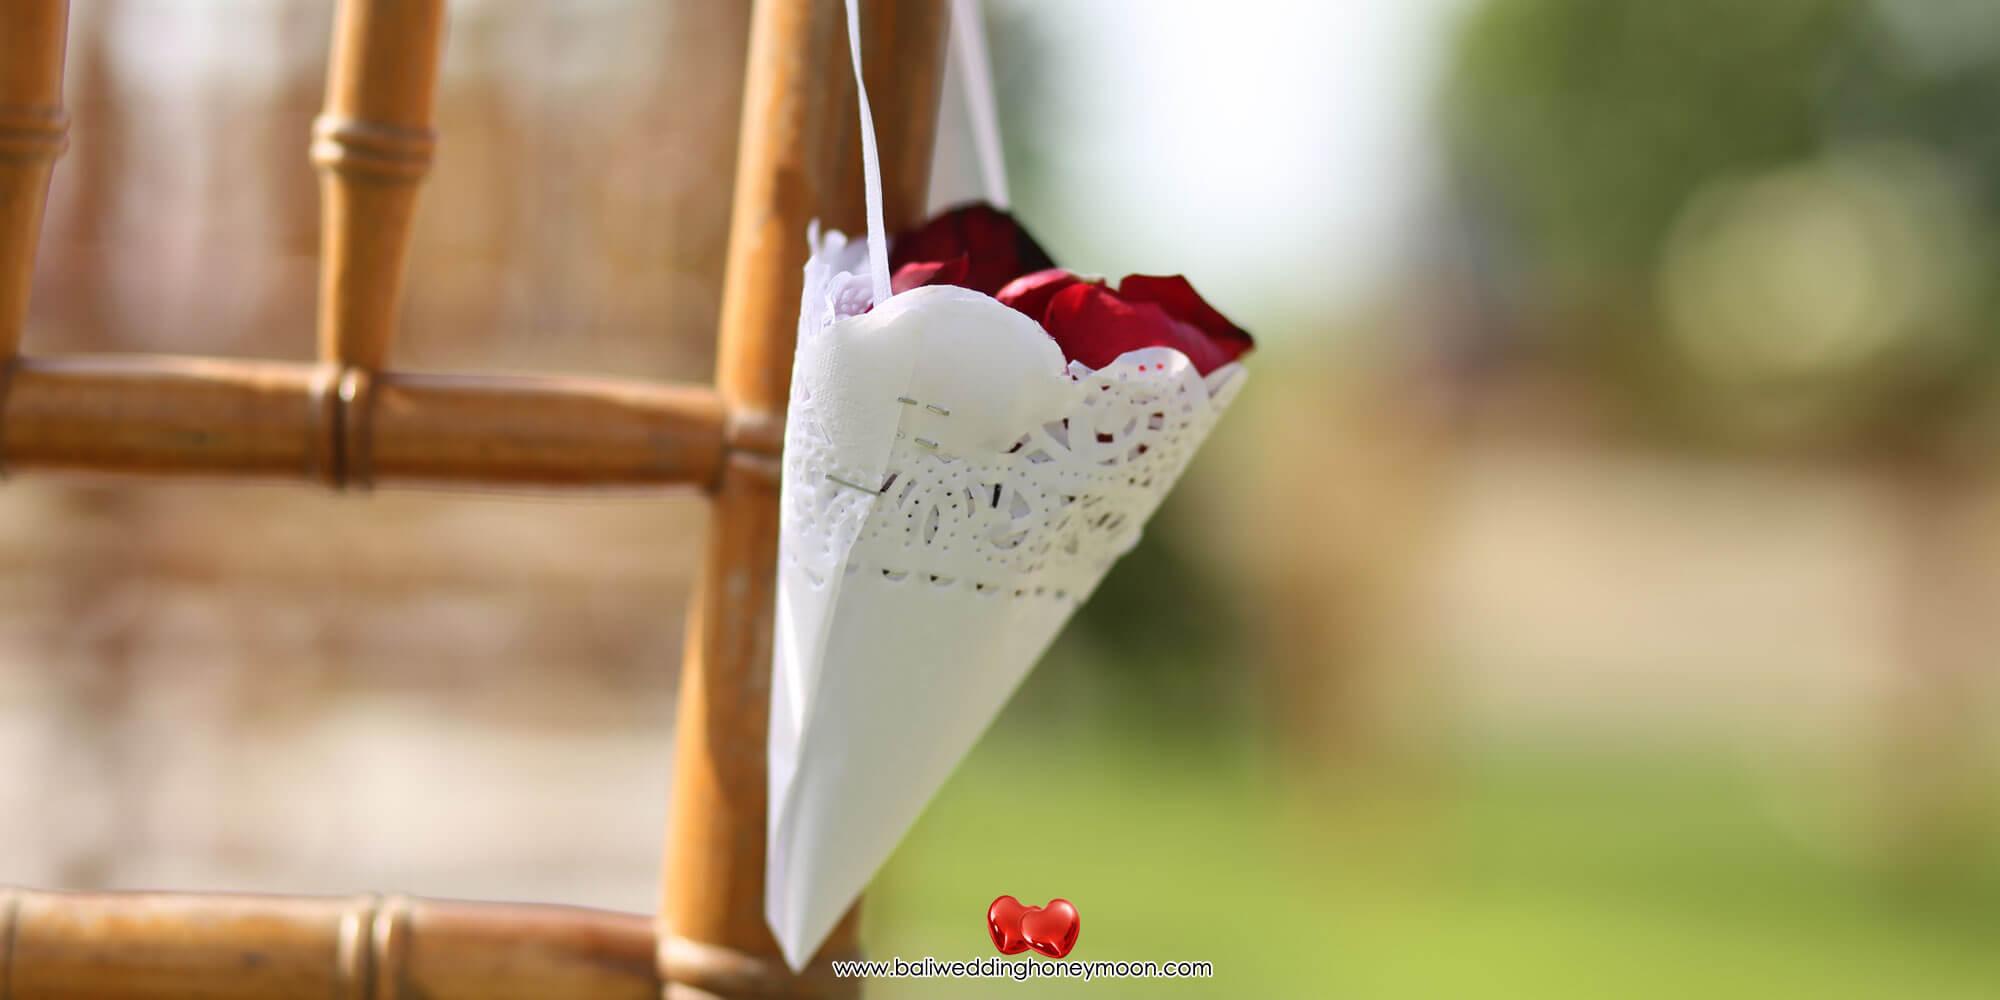 weddingvenuebali-gardenbaliwedding-baliweddinghoneymoon-baliweddingorganizer-baliweddingplanner-baliweddingpackage-holidayinbarunabali6